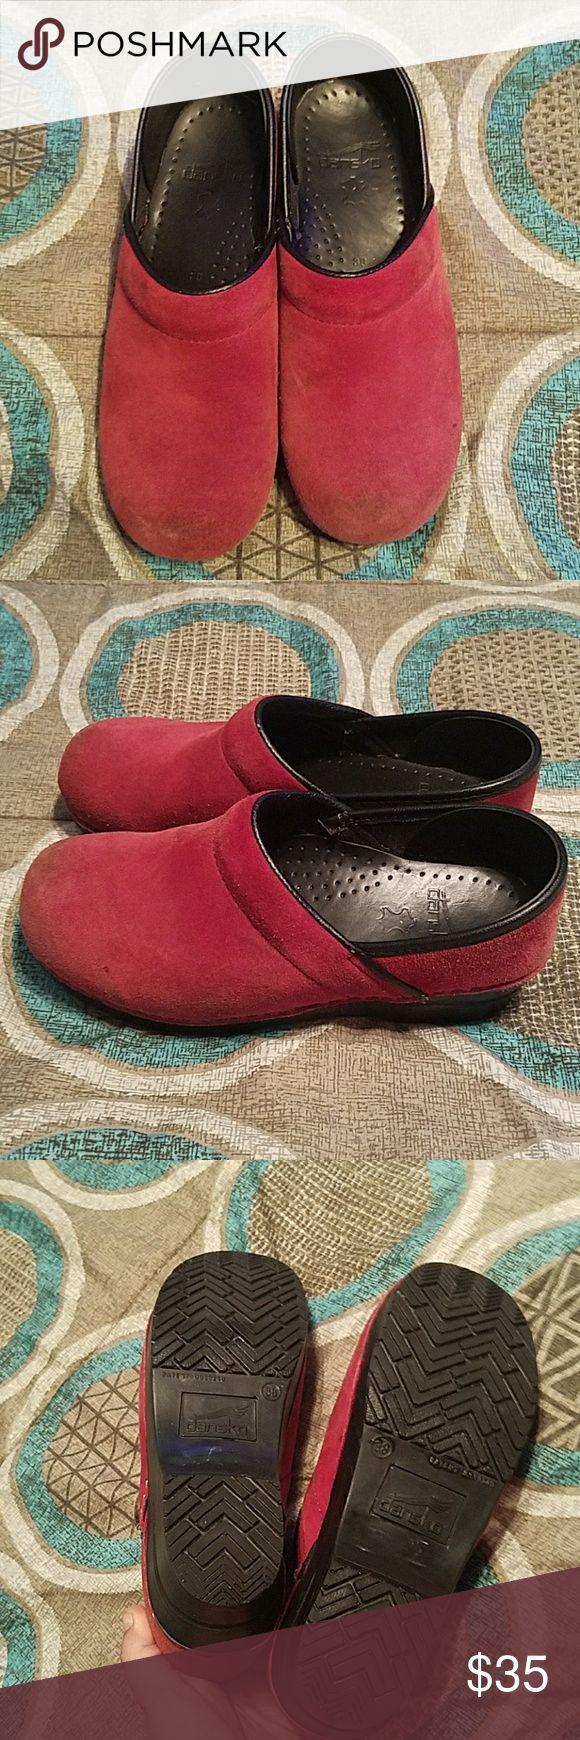 25 Best Ideas About Dansko Nursing Shoes On Pinterest Nursing Clogs Nurse Shoes And Nursing